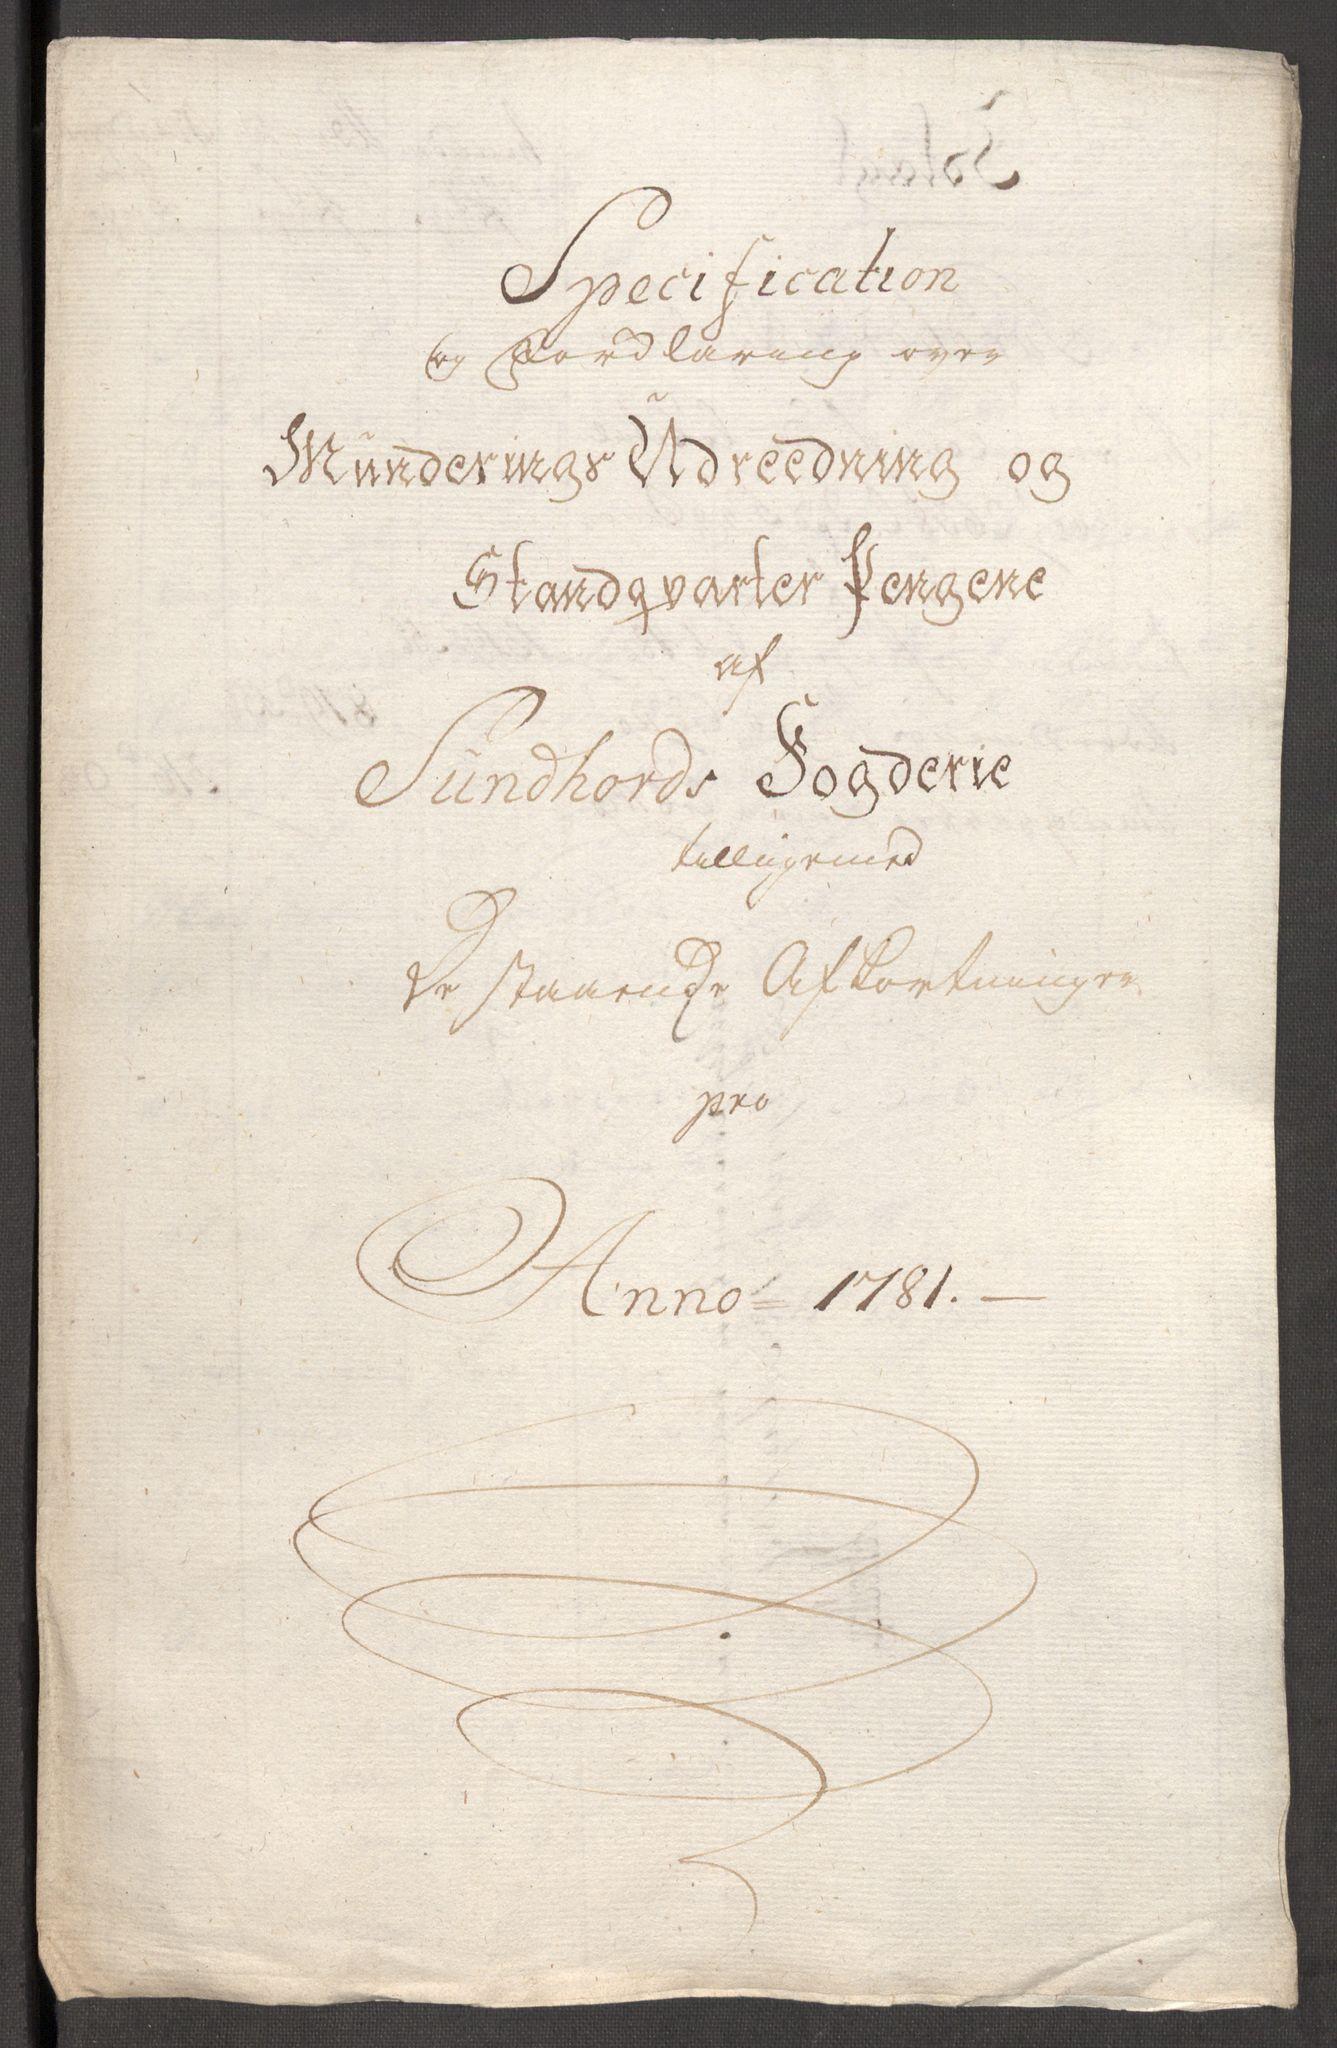 RA, Rentekammeret inntil 1814, Reviderte regnskaper, Fogderegnskap, R48/L3097: Fogderegnskap Sunnhordland og Hardanger, 1781, s. 54